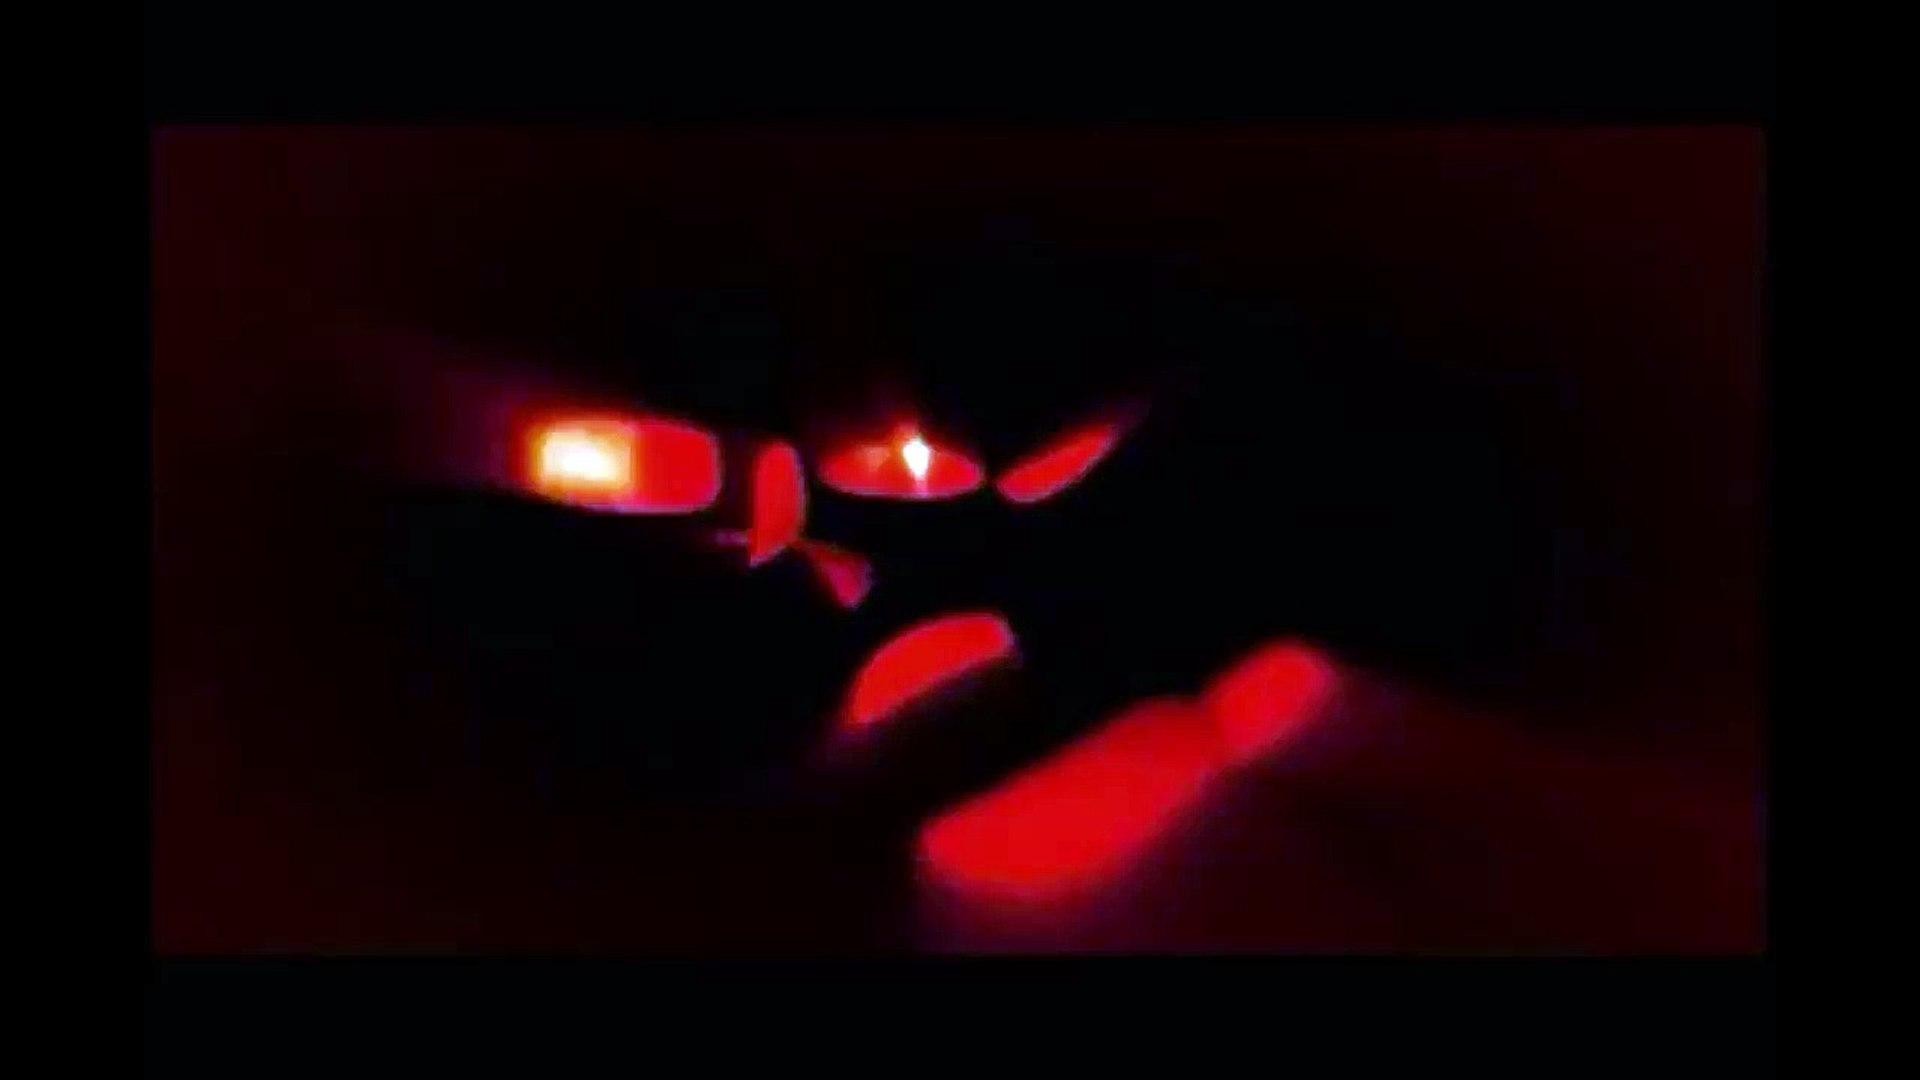 В хорошем качестве HD 720 яндекс видео Хоббит 3: Битва пяти воинств